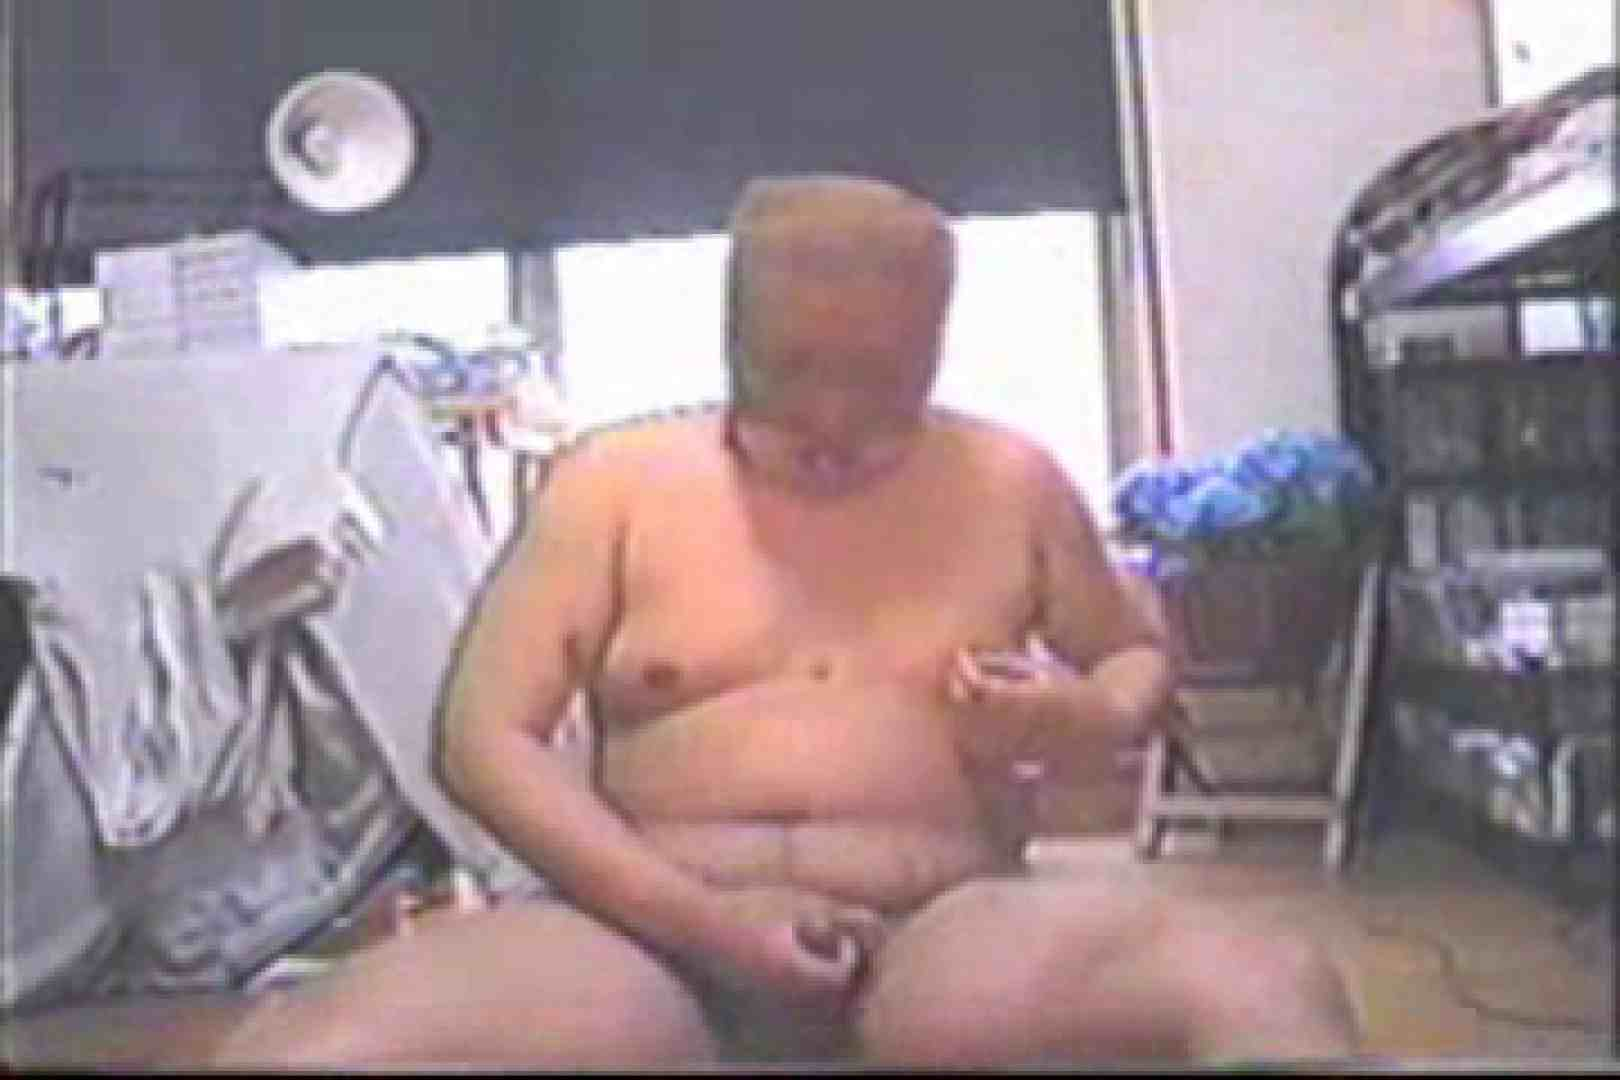 【実録】パンスト仮面は真性包茎!!Hなぽっちゃりカップル メンズのカップル  82画像 35